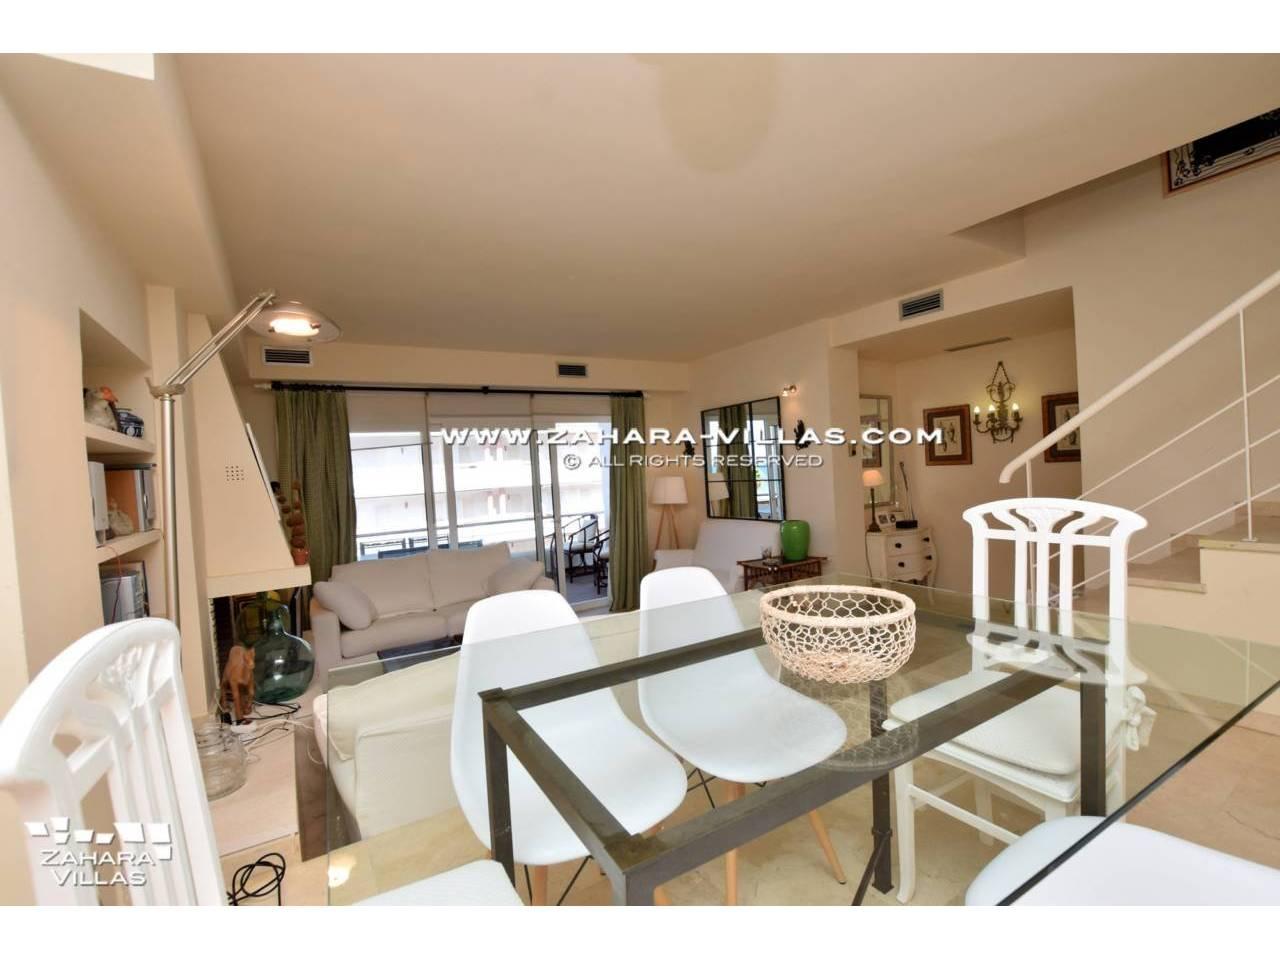 Imagen 7 de Duplex zu verkaufen in Urb. Costa Zahara